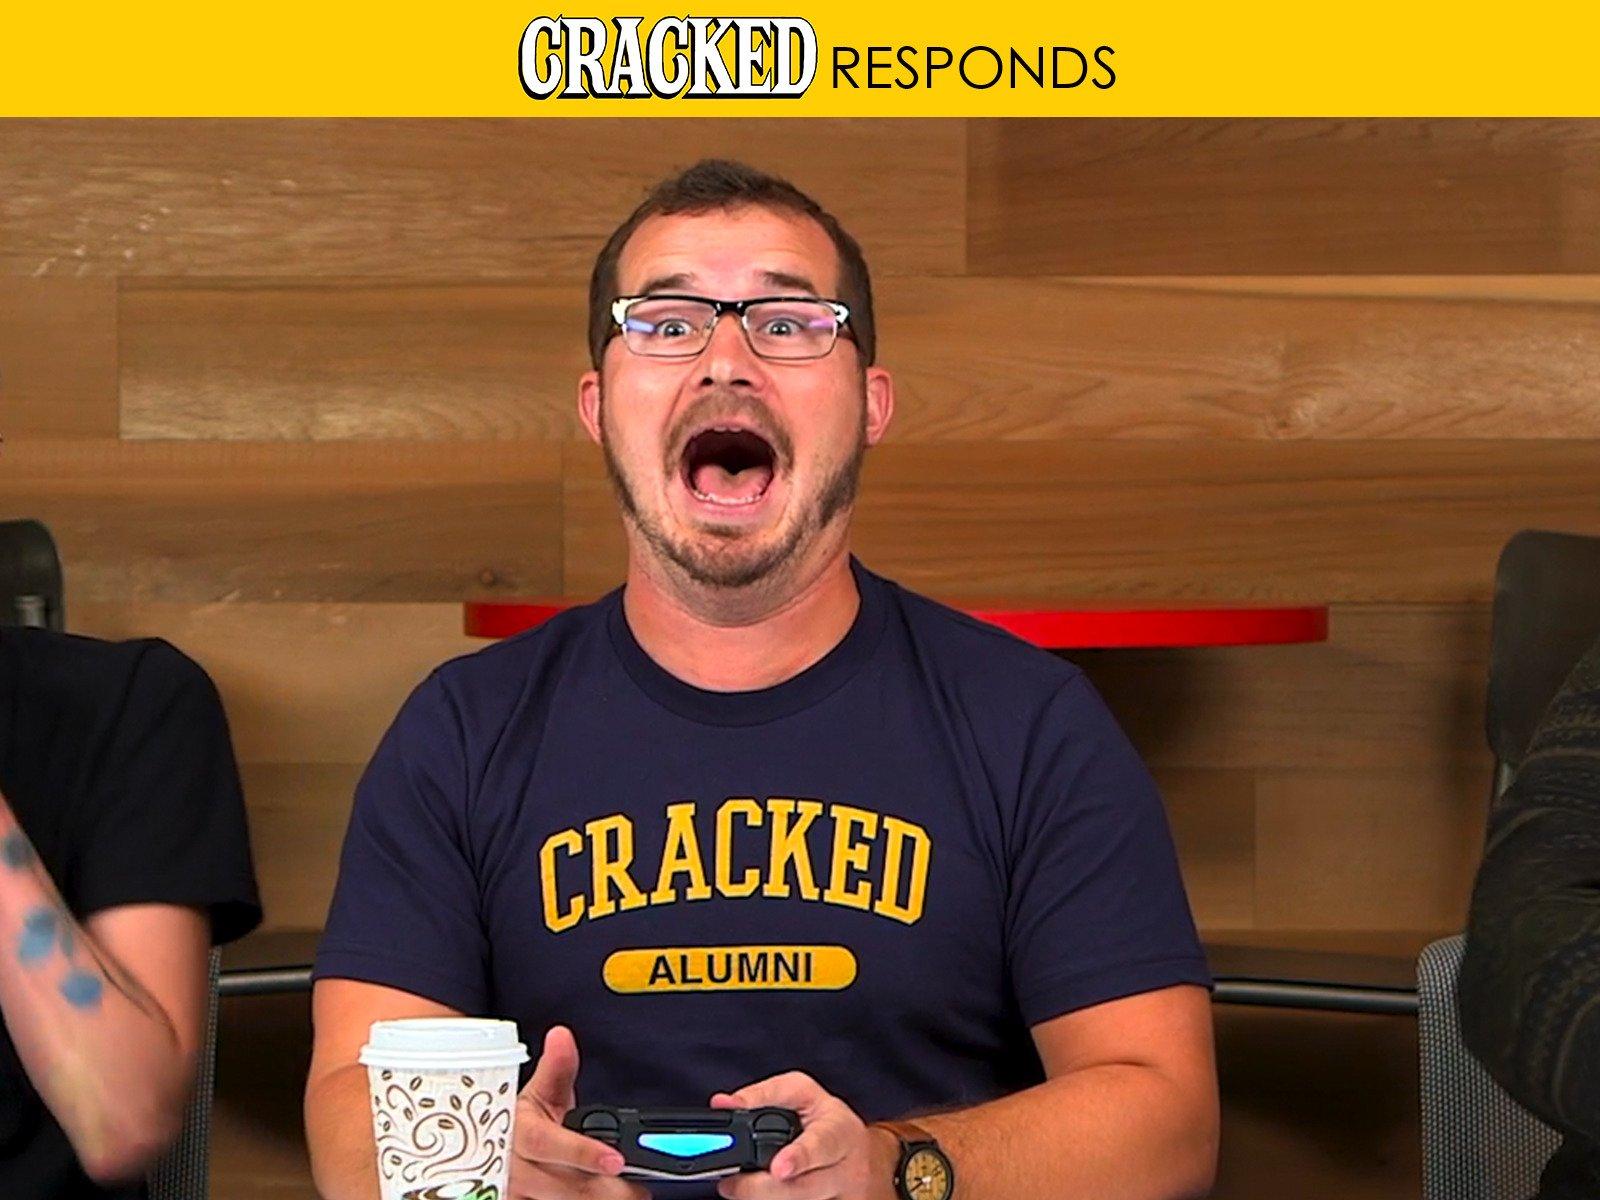 Cracked Responds